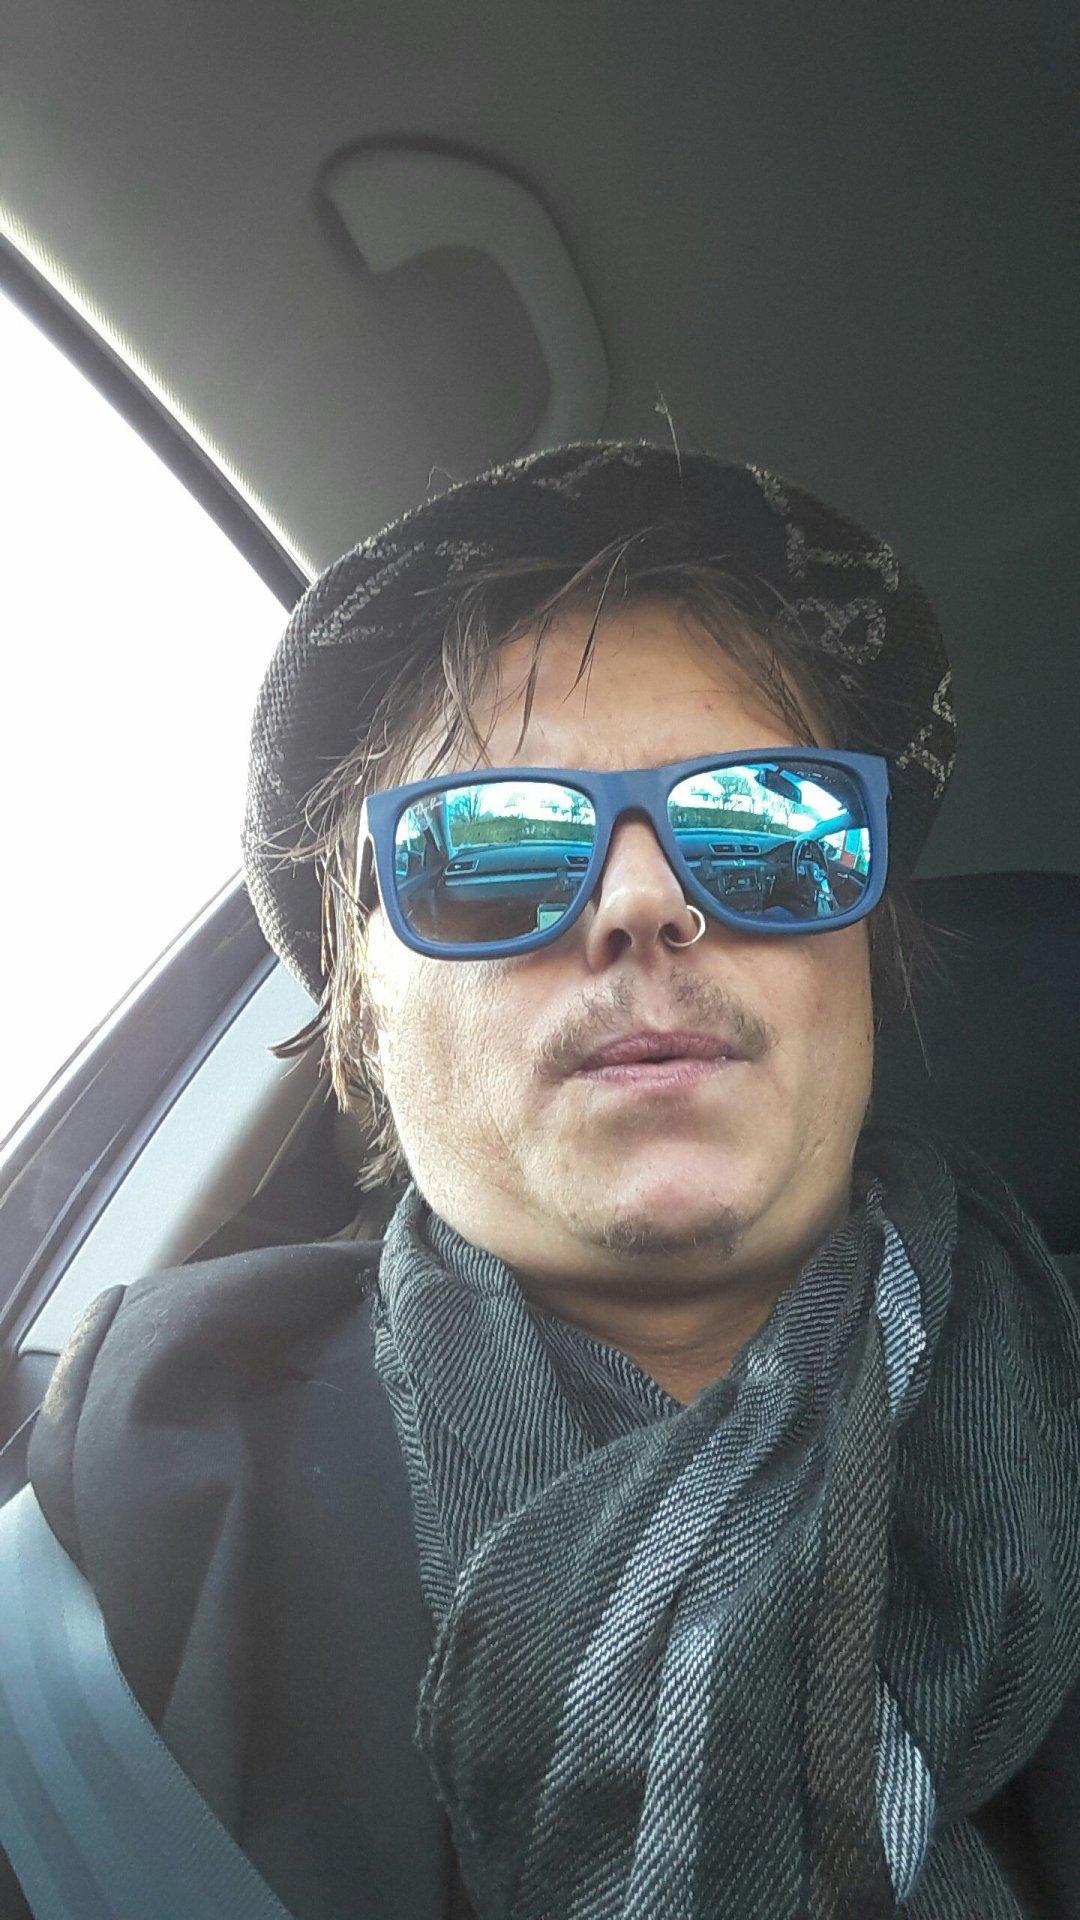 Patrick aus Bayern,Deutschland